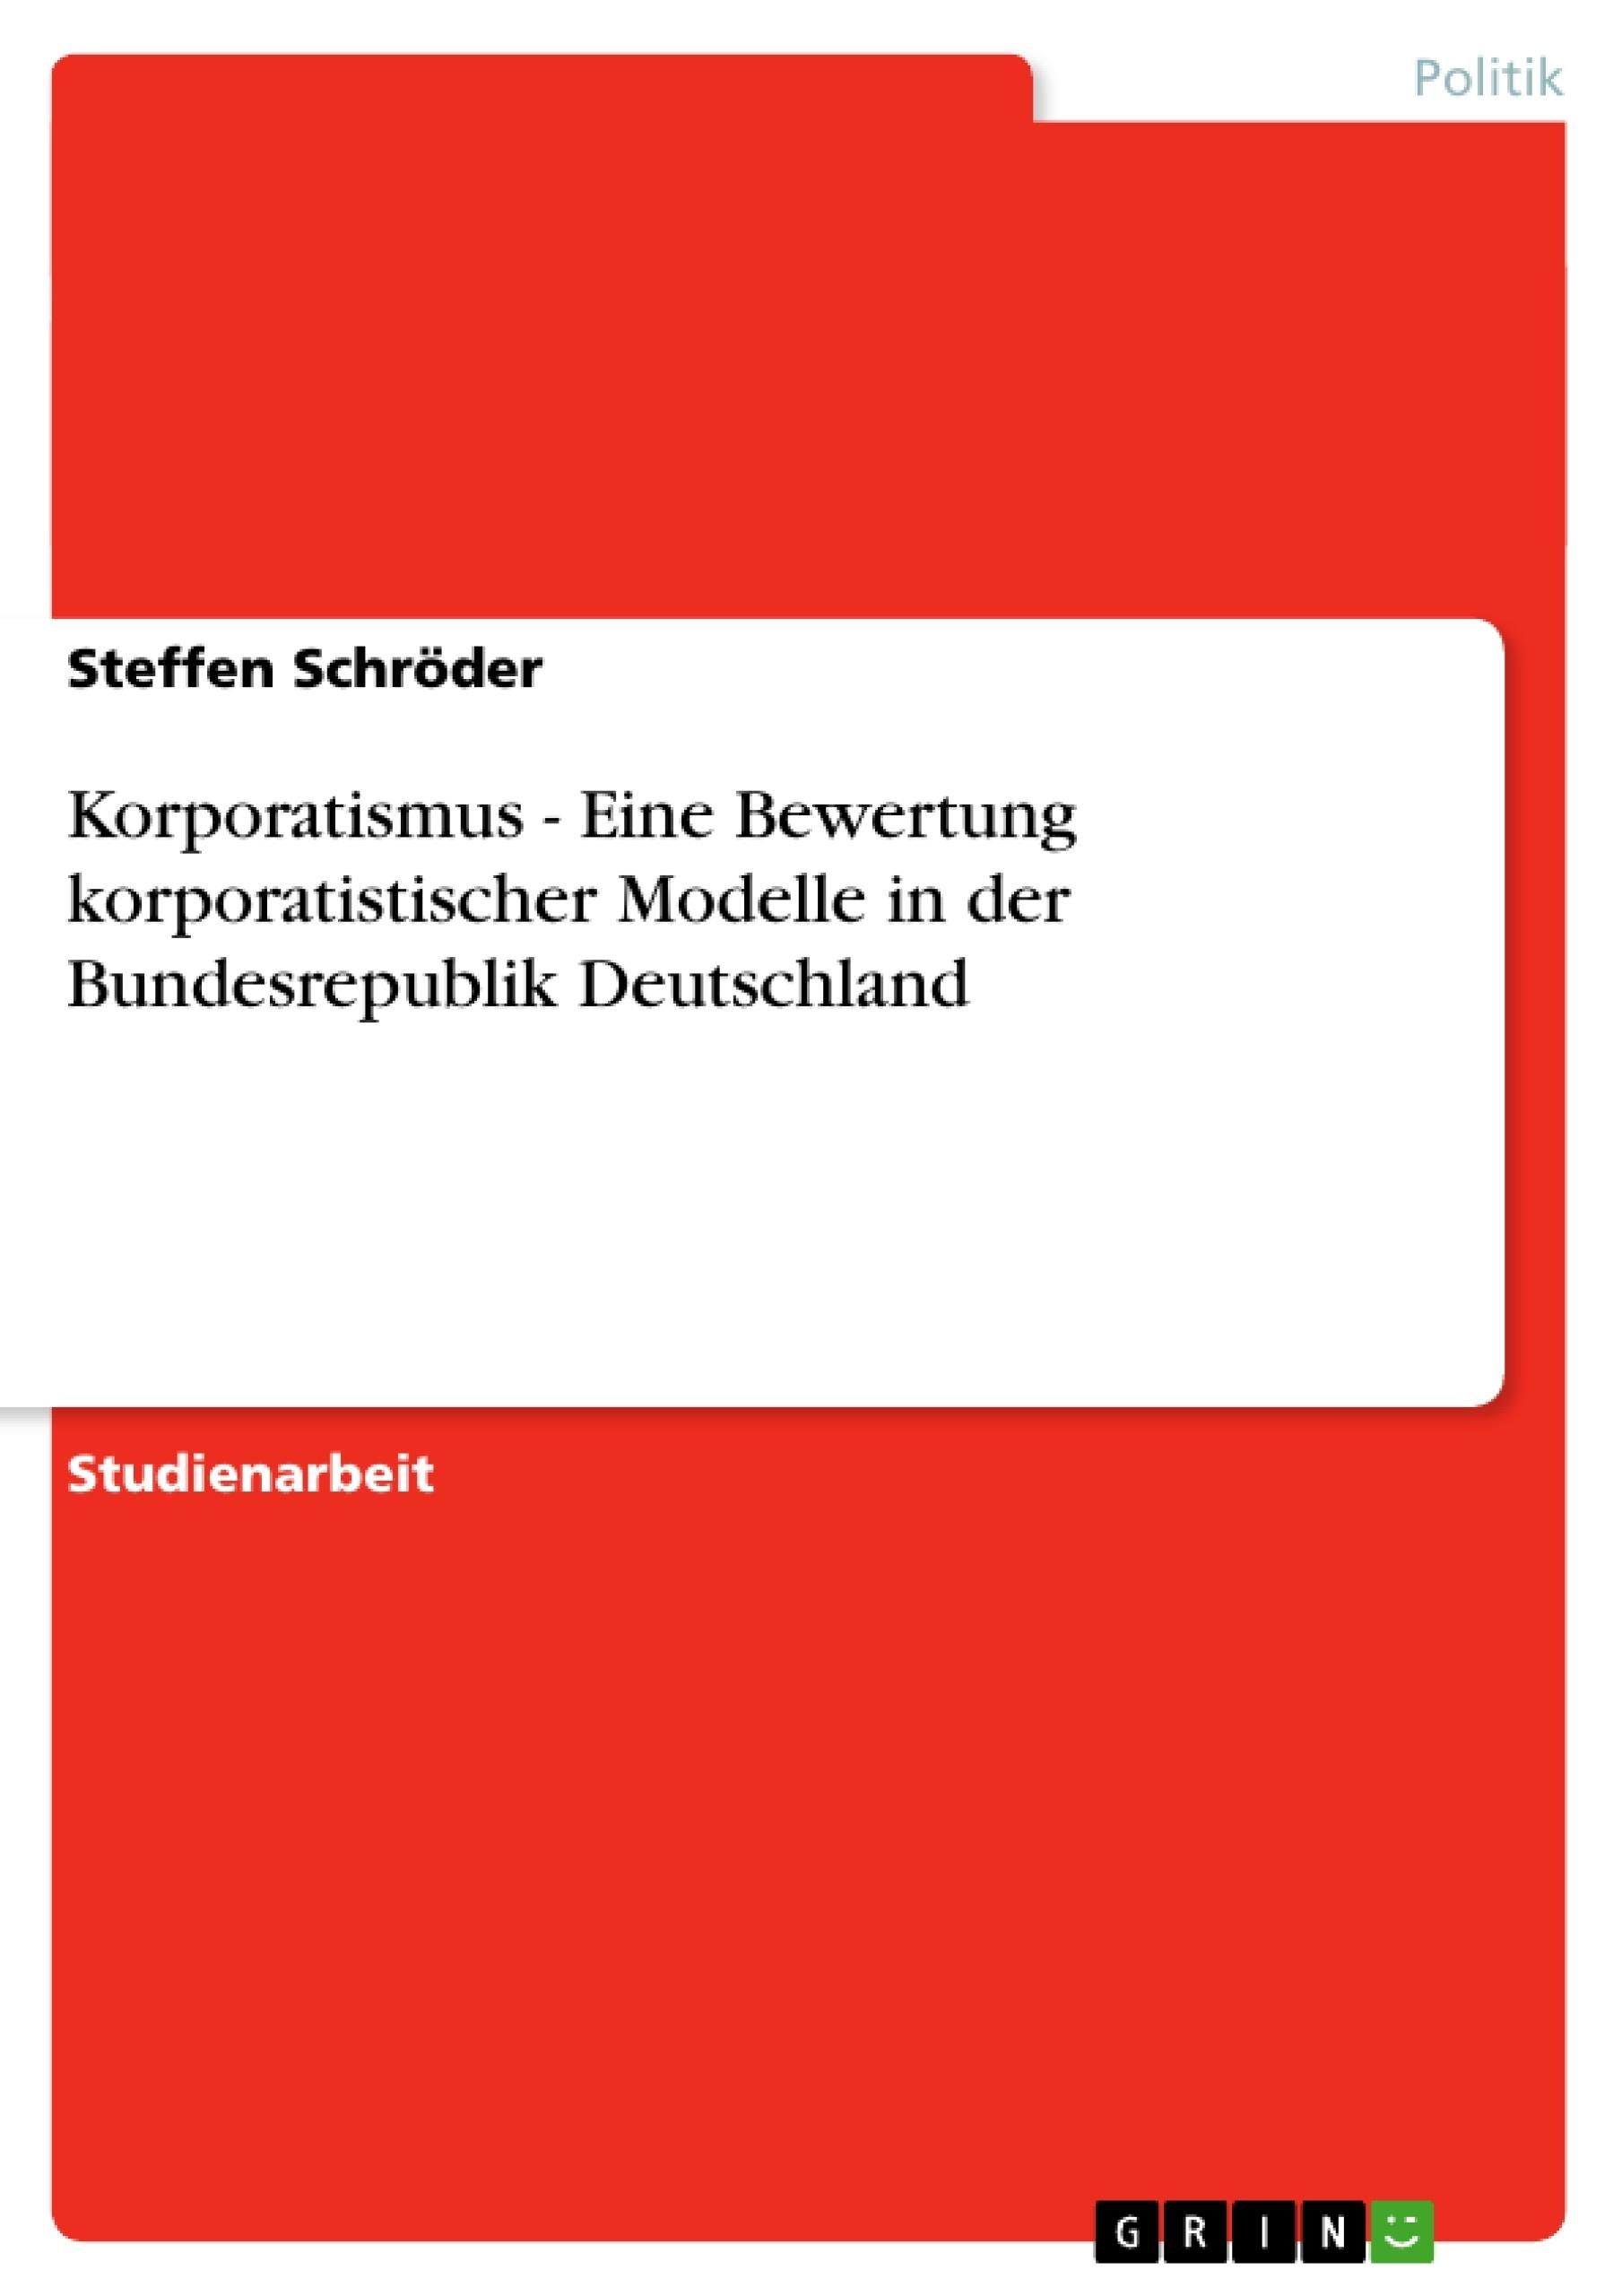 Titel: Korporatismus - Eine Bewertung korporatistischer Modelle in der Bundesrepublik Deutschland